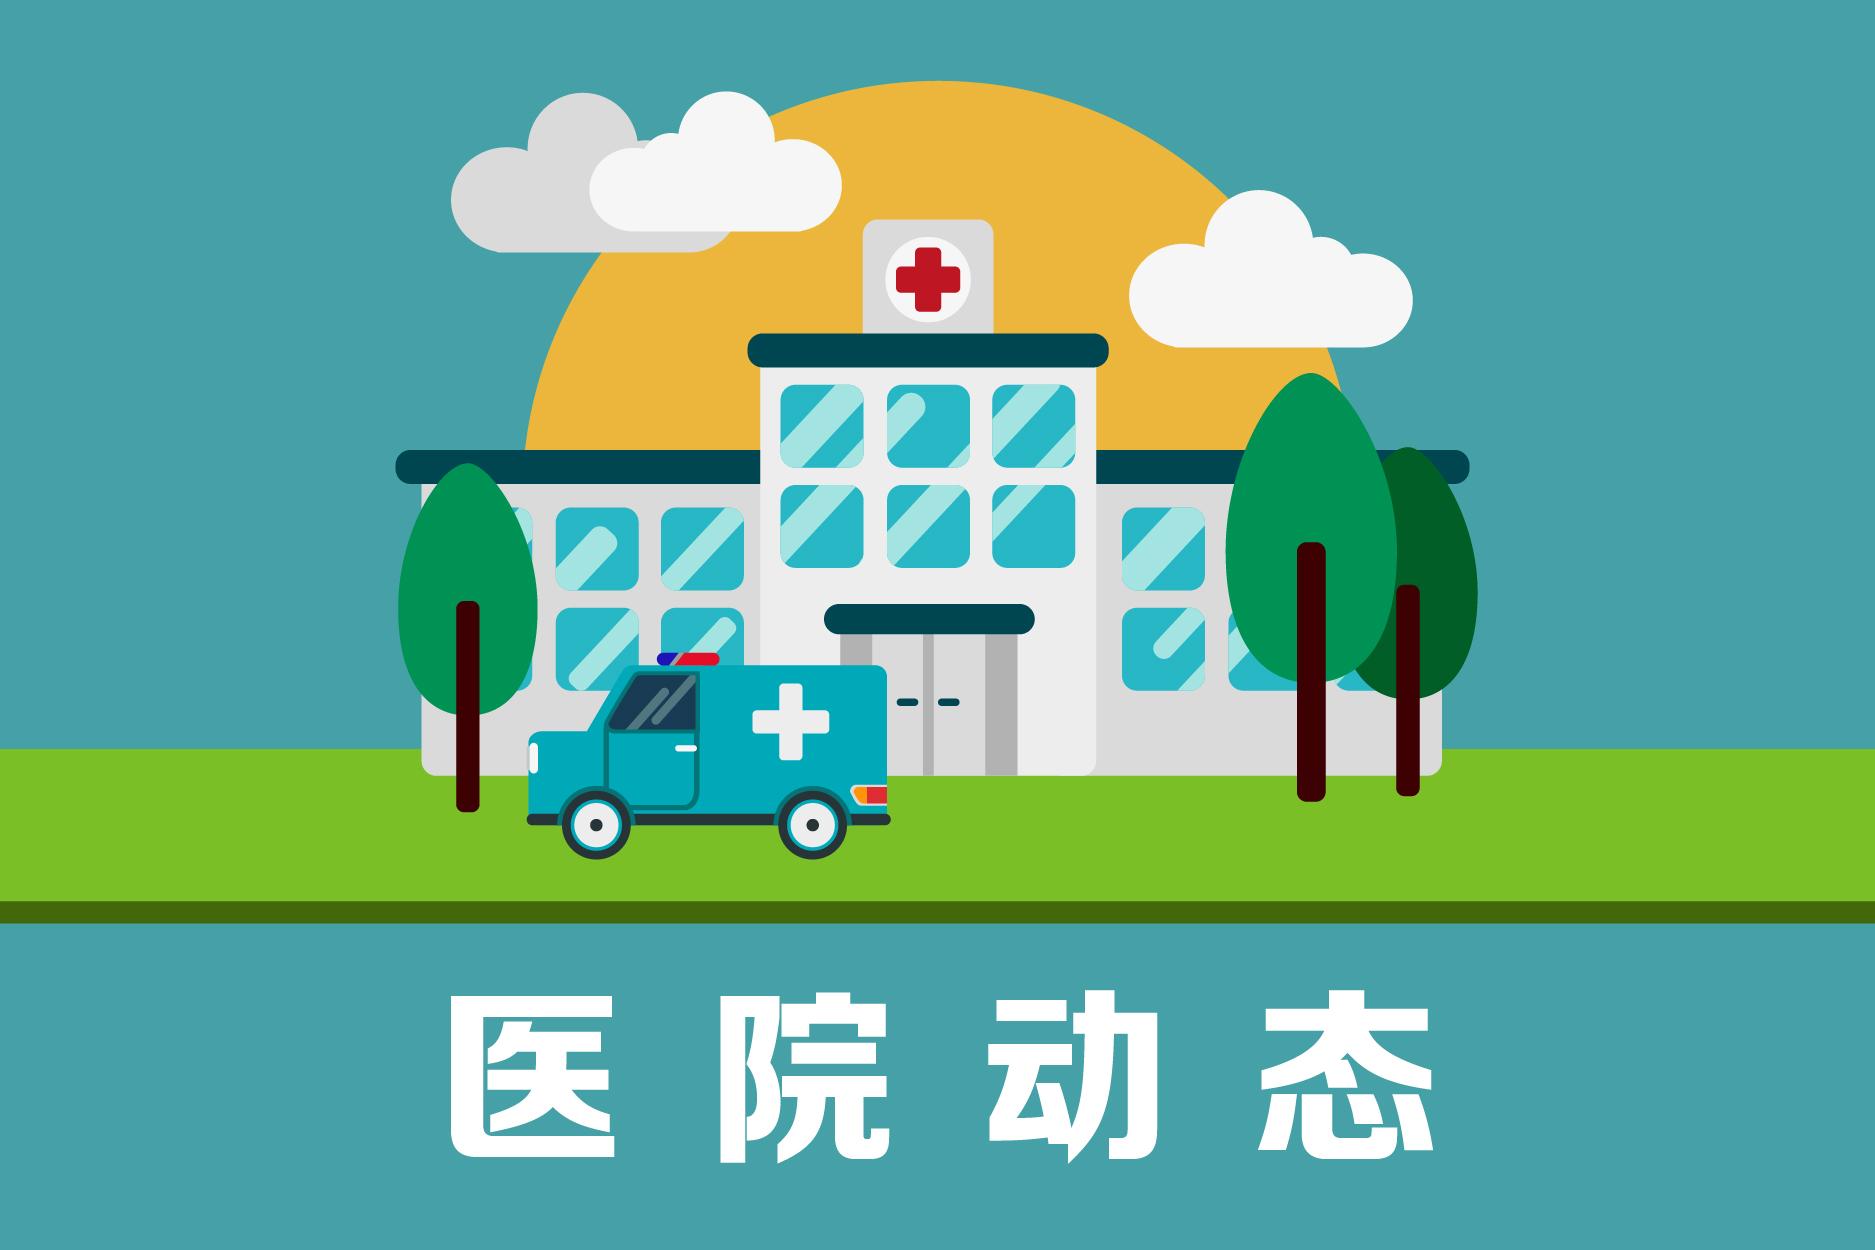 重磅!国内首款医学教学APP发布,打造医学教育新利器